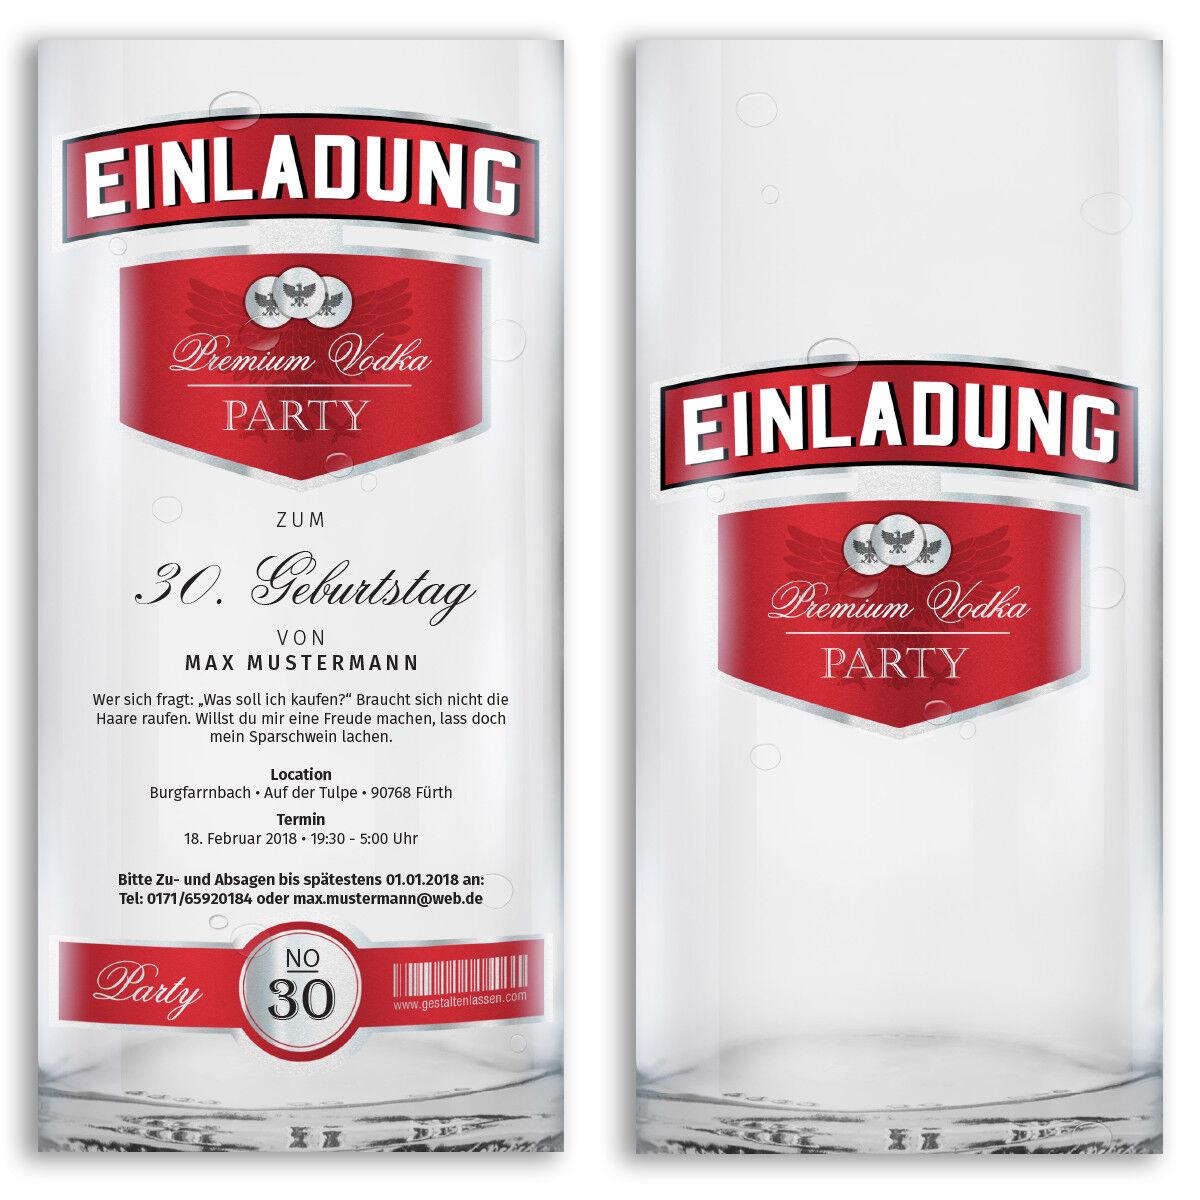 Einladungen zum Geburtstag als Wodka Flasche Karten Party Einladungskarten